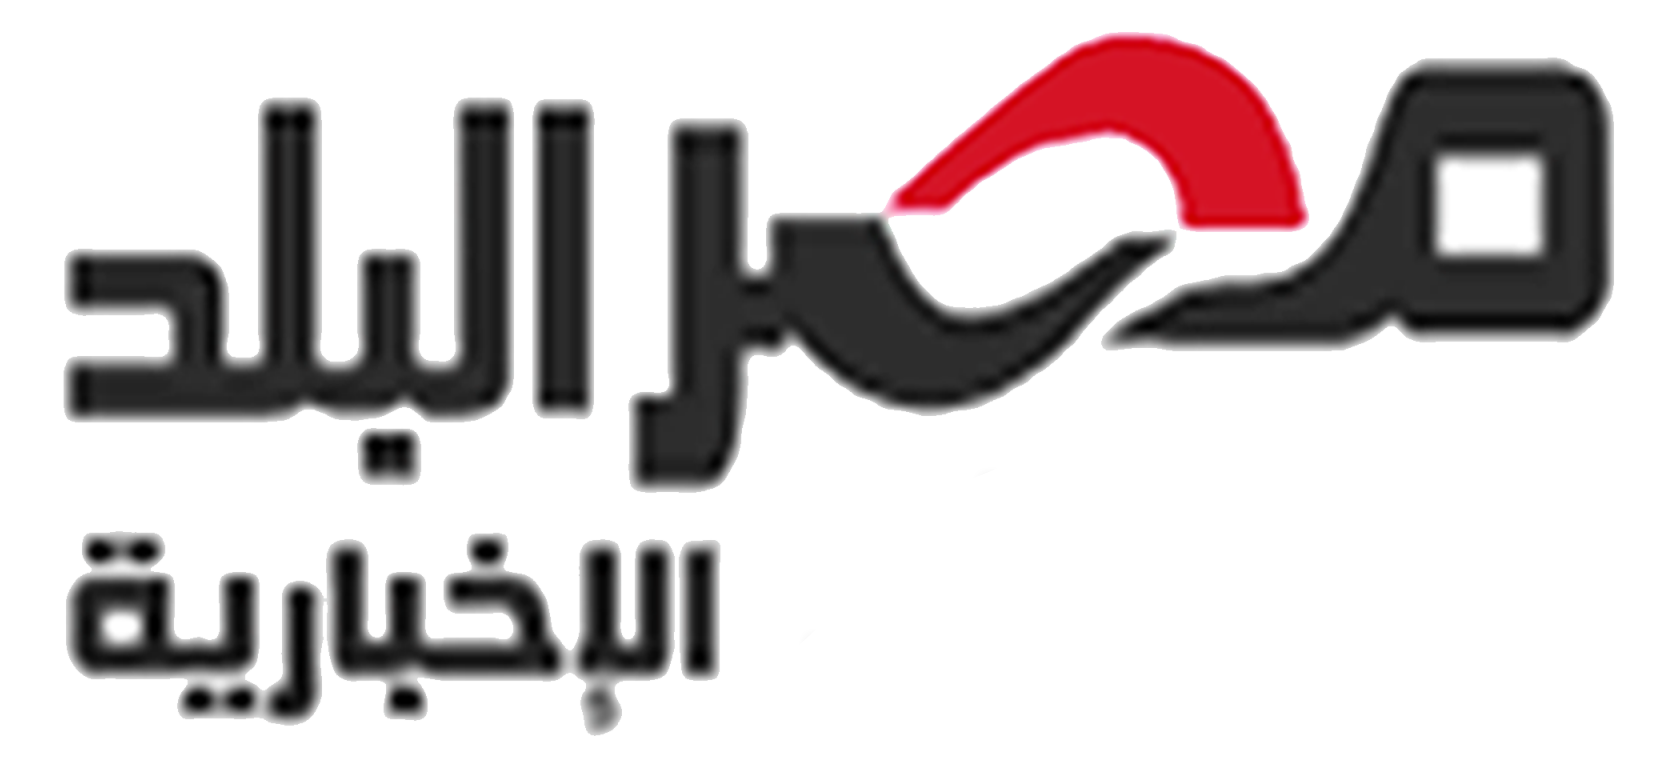 مصر البلد الاخبارية | Misralbalad